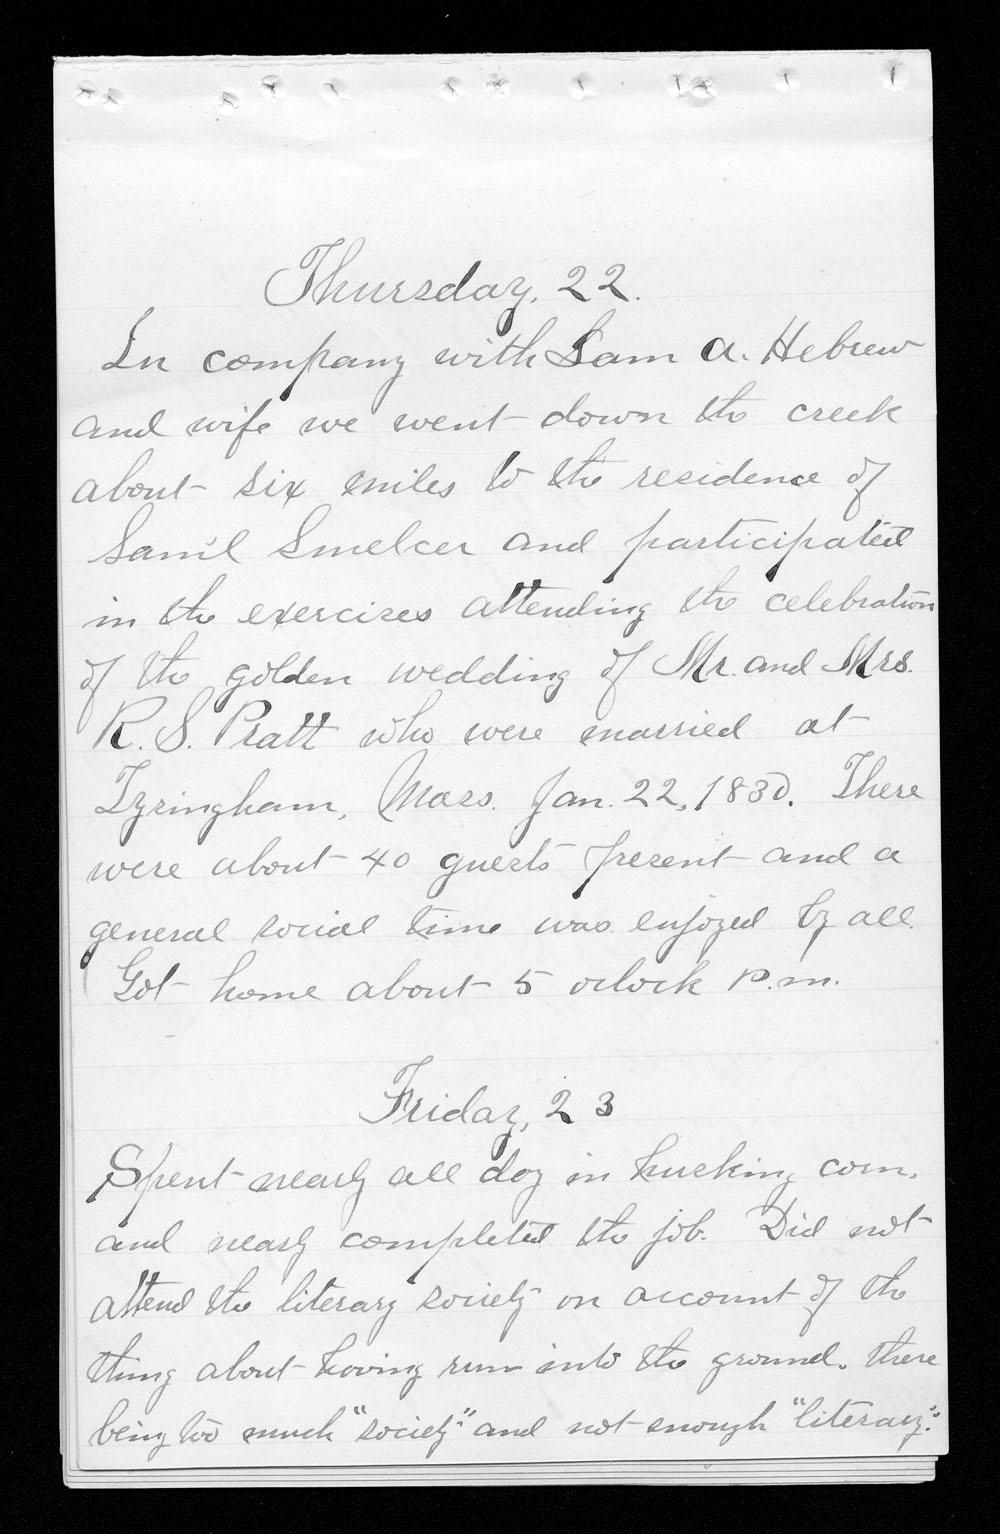 Elam Bartholomew diary - Jan 22, 1880